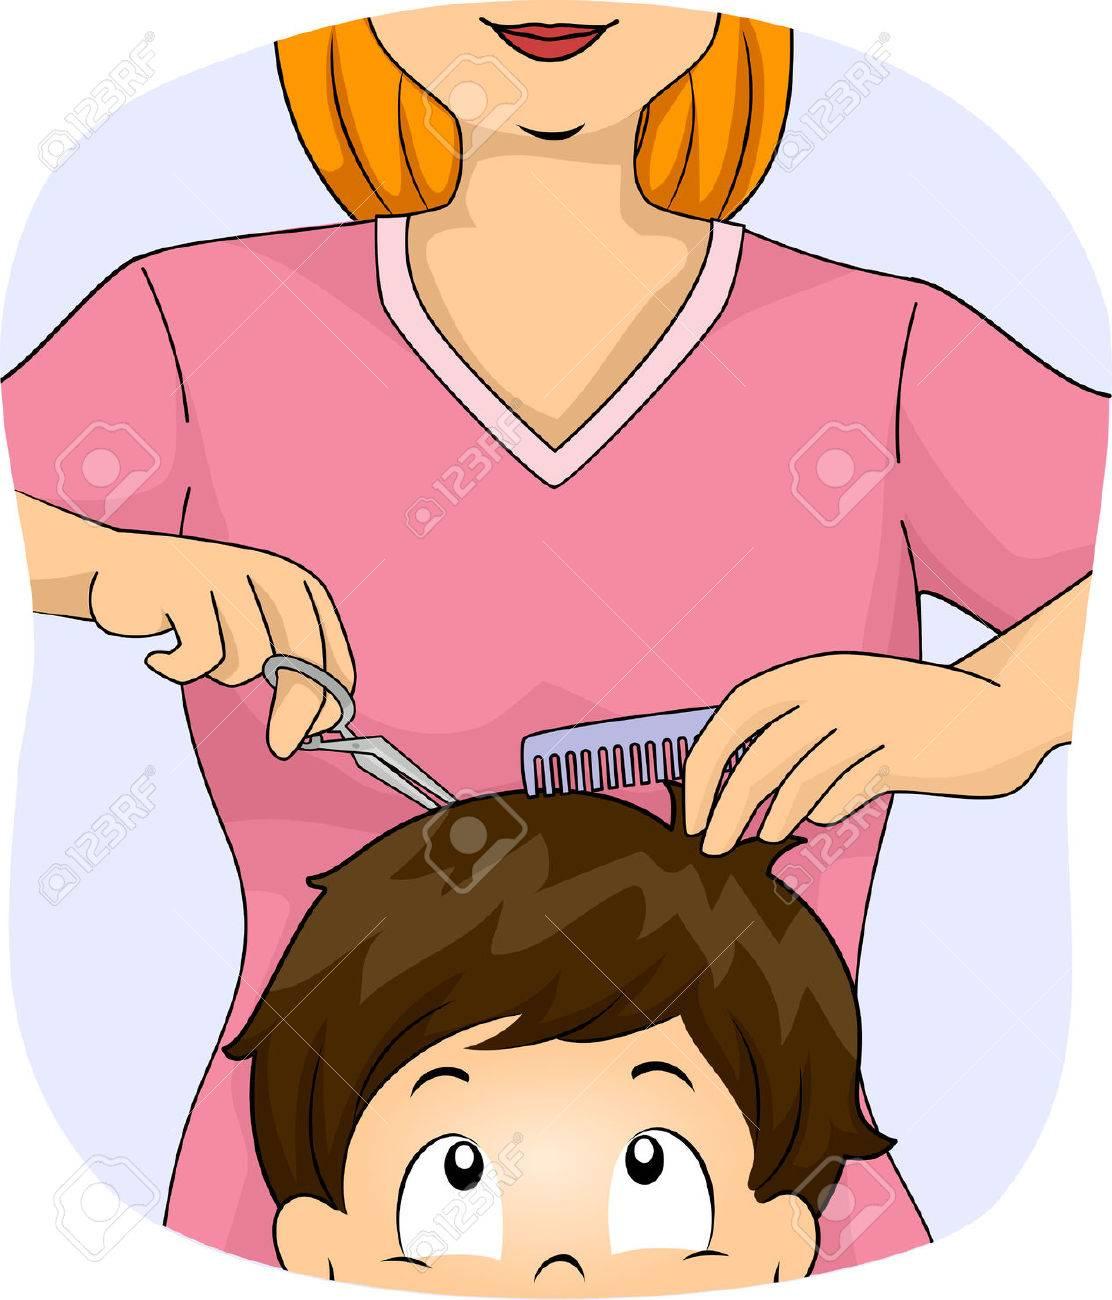 理髪店で散髪を取得する小さな男の子のイラスト の写真素材画像素材